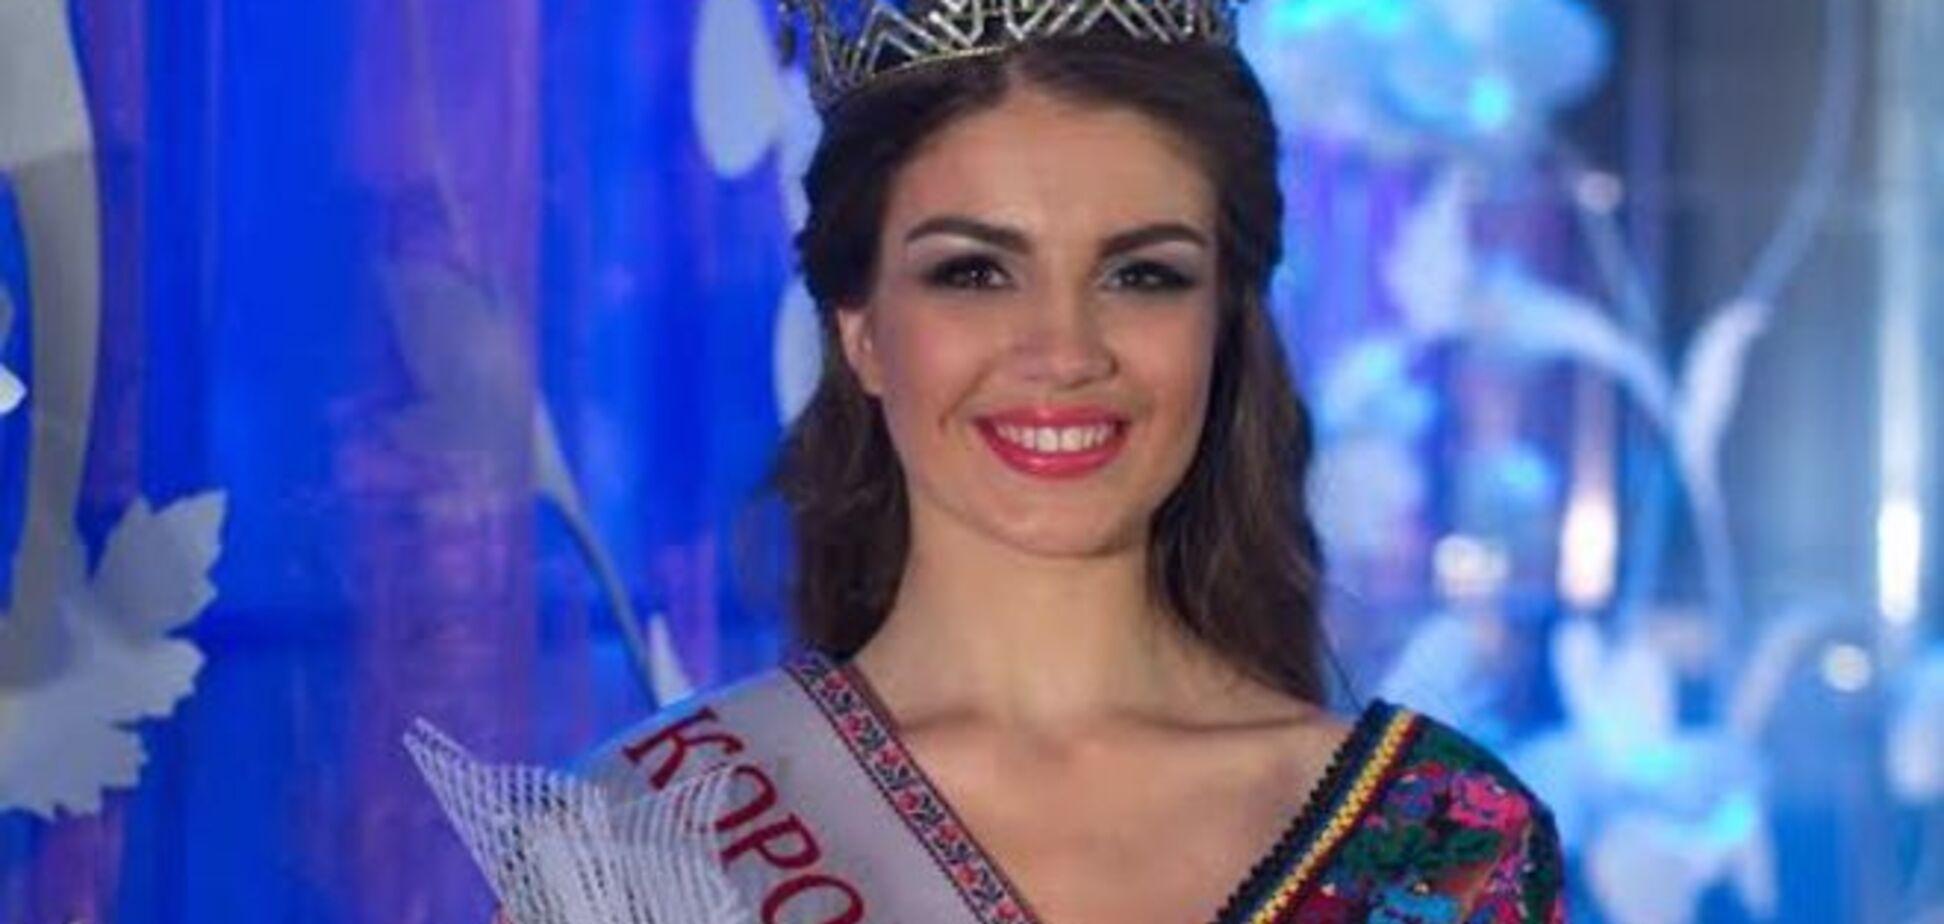 'Королевой Украины 2015' стала студентка из Полтавы: фото красавицы